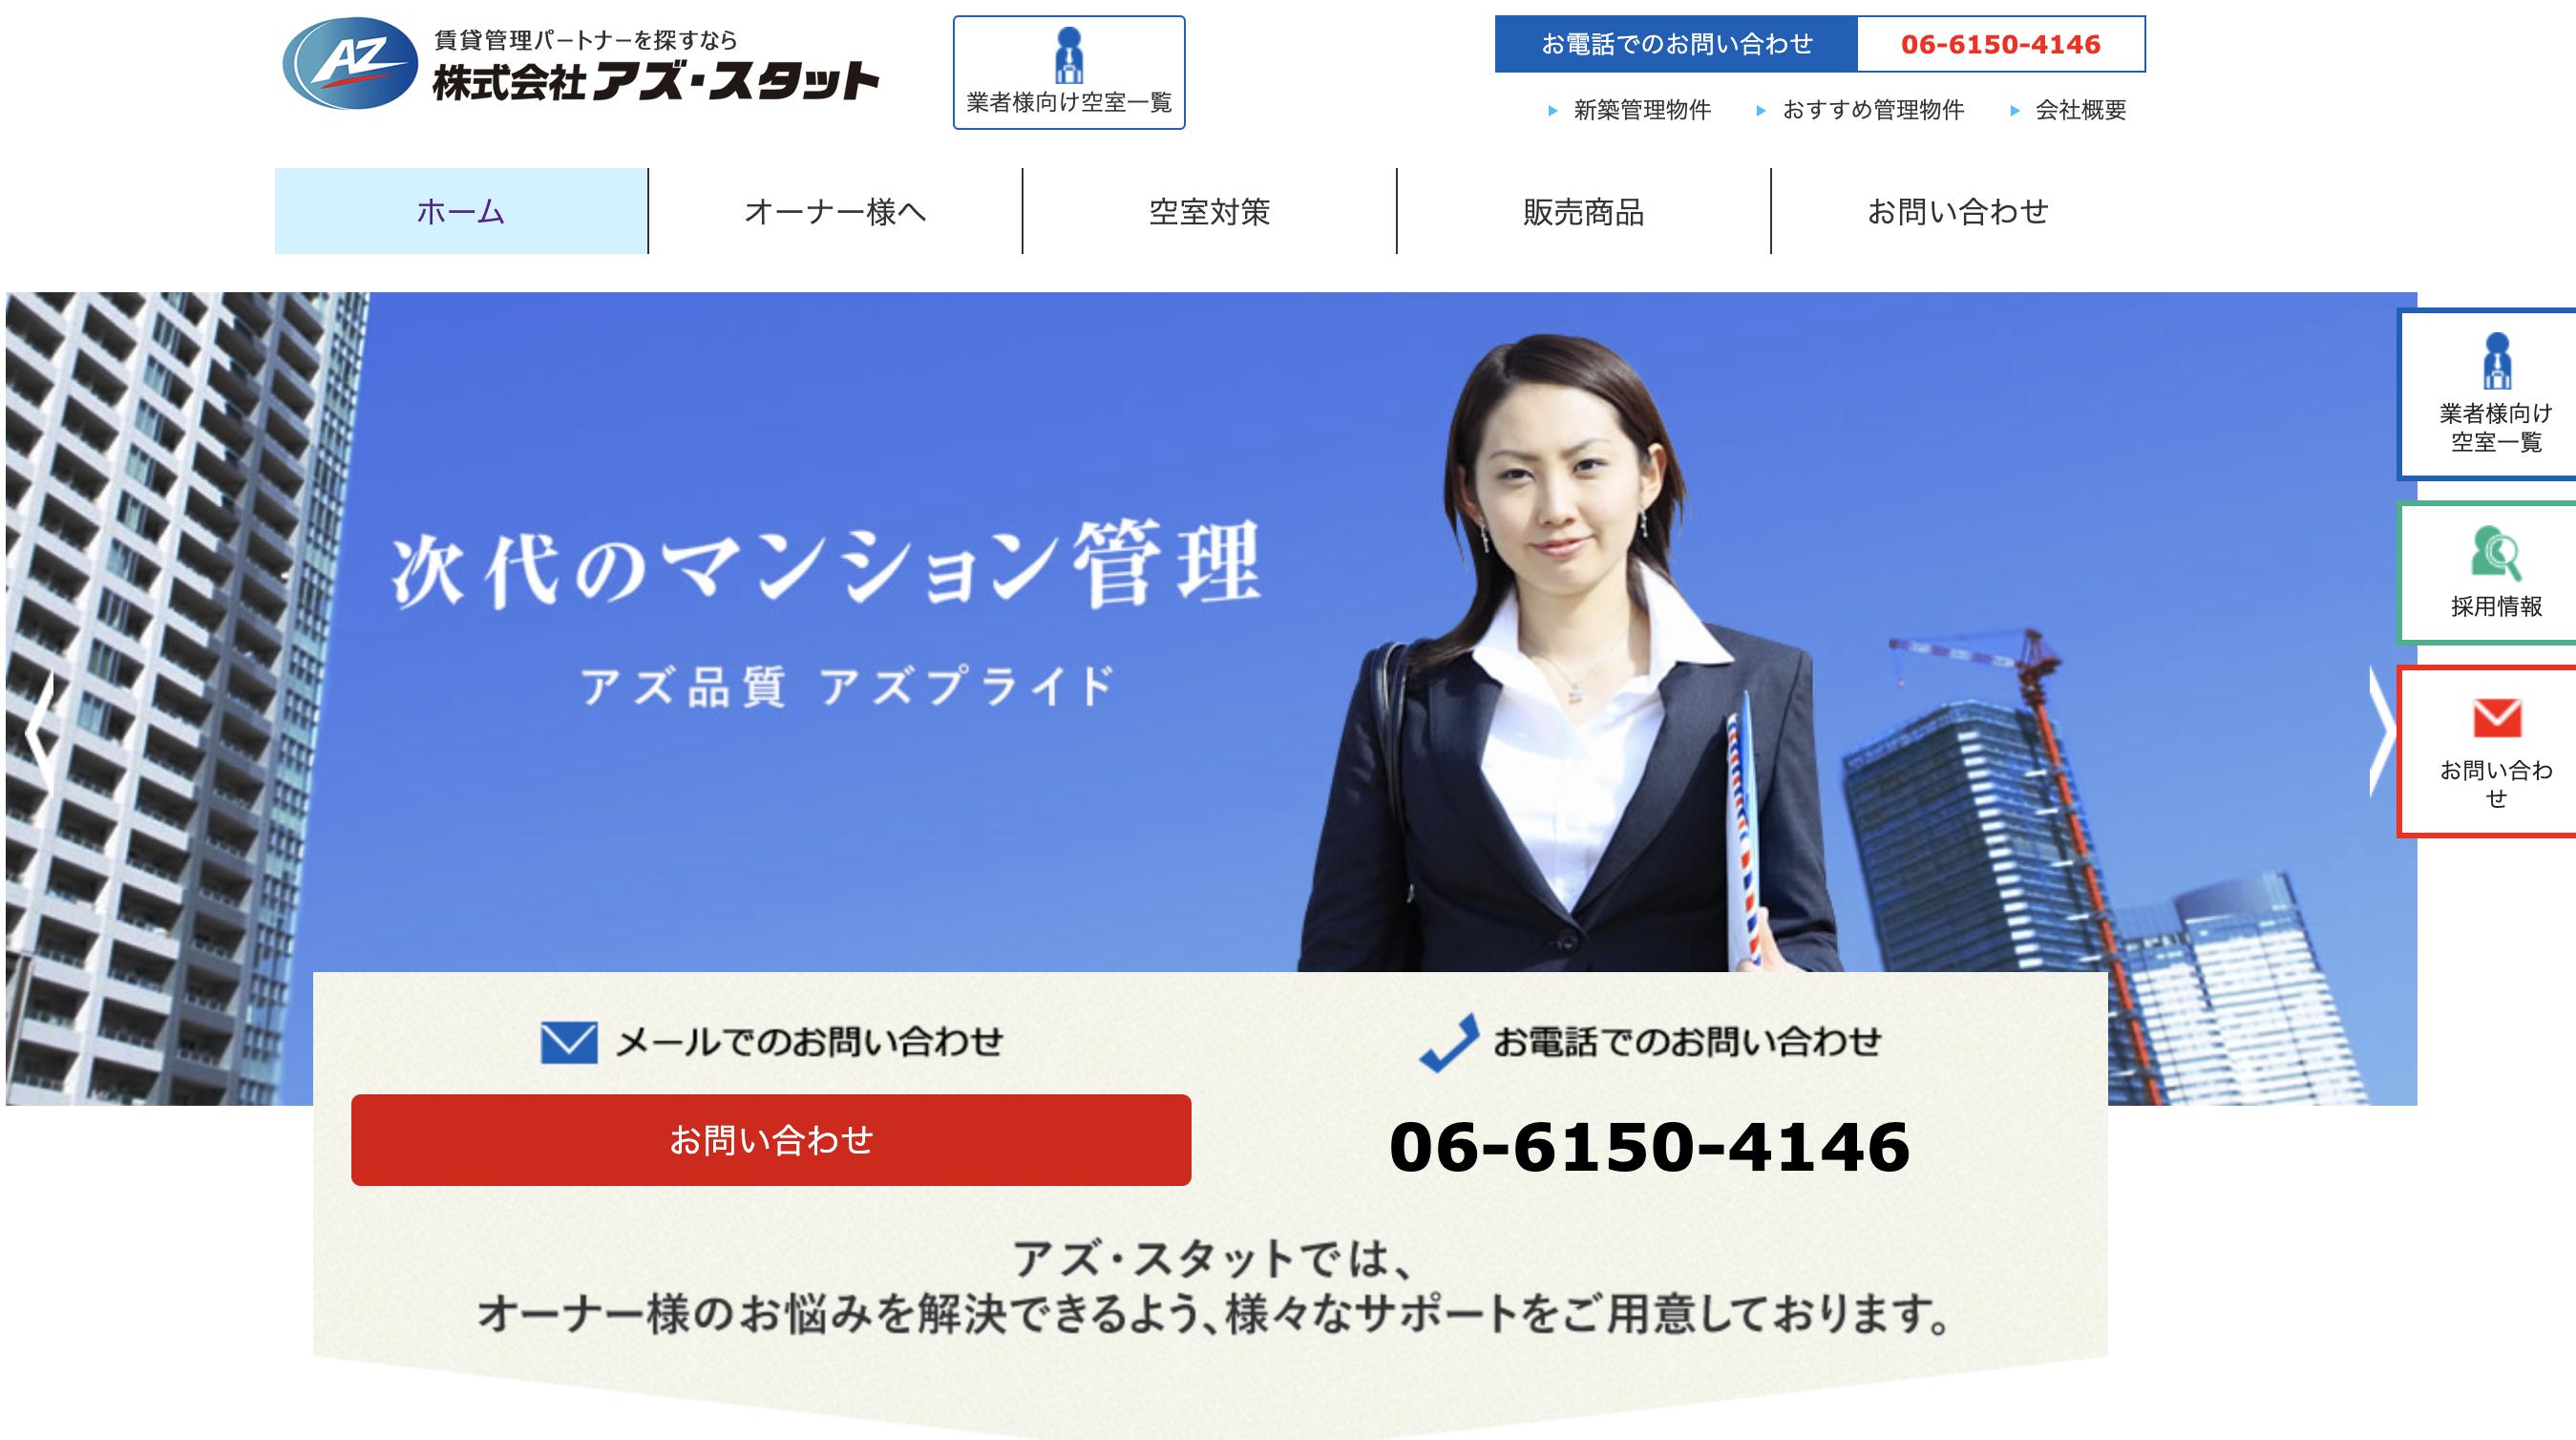 大阪に本社がある賃貸管・株式会社アズスタット 所在地 大阪市淀川区東三国2-37-3 代表 長田 昌也 電話06-6150-4146 設立年 2005年   社名のアズスタットは「AtoZ」に始まりから終わりまでを意味し、不動産管理に関する全ての業務の発着駅としての存在することに価値があるとしています。 現在、賃貸住宅サービスのFCの加盟店であり、仲介部門と連携できるというのが当社の強みと言え、特に空室対策としての次の4つの対策に力を注いでいます。 ・印象に残るリフォームの「美ホーム」 ・高速インターネット導入 ・リノベーション・コンバージョン ・セキュリティー対策   その他、オートロックデジタルロック、LEDなど、空室解消の商品を自社販売。      <a href=